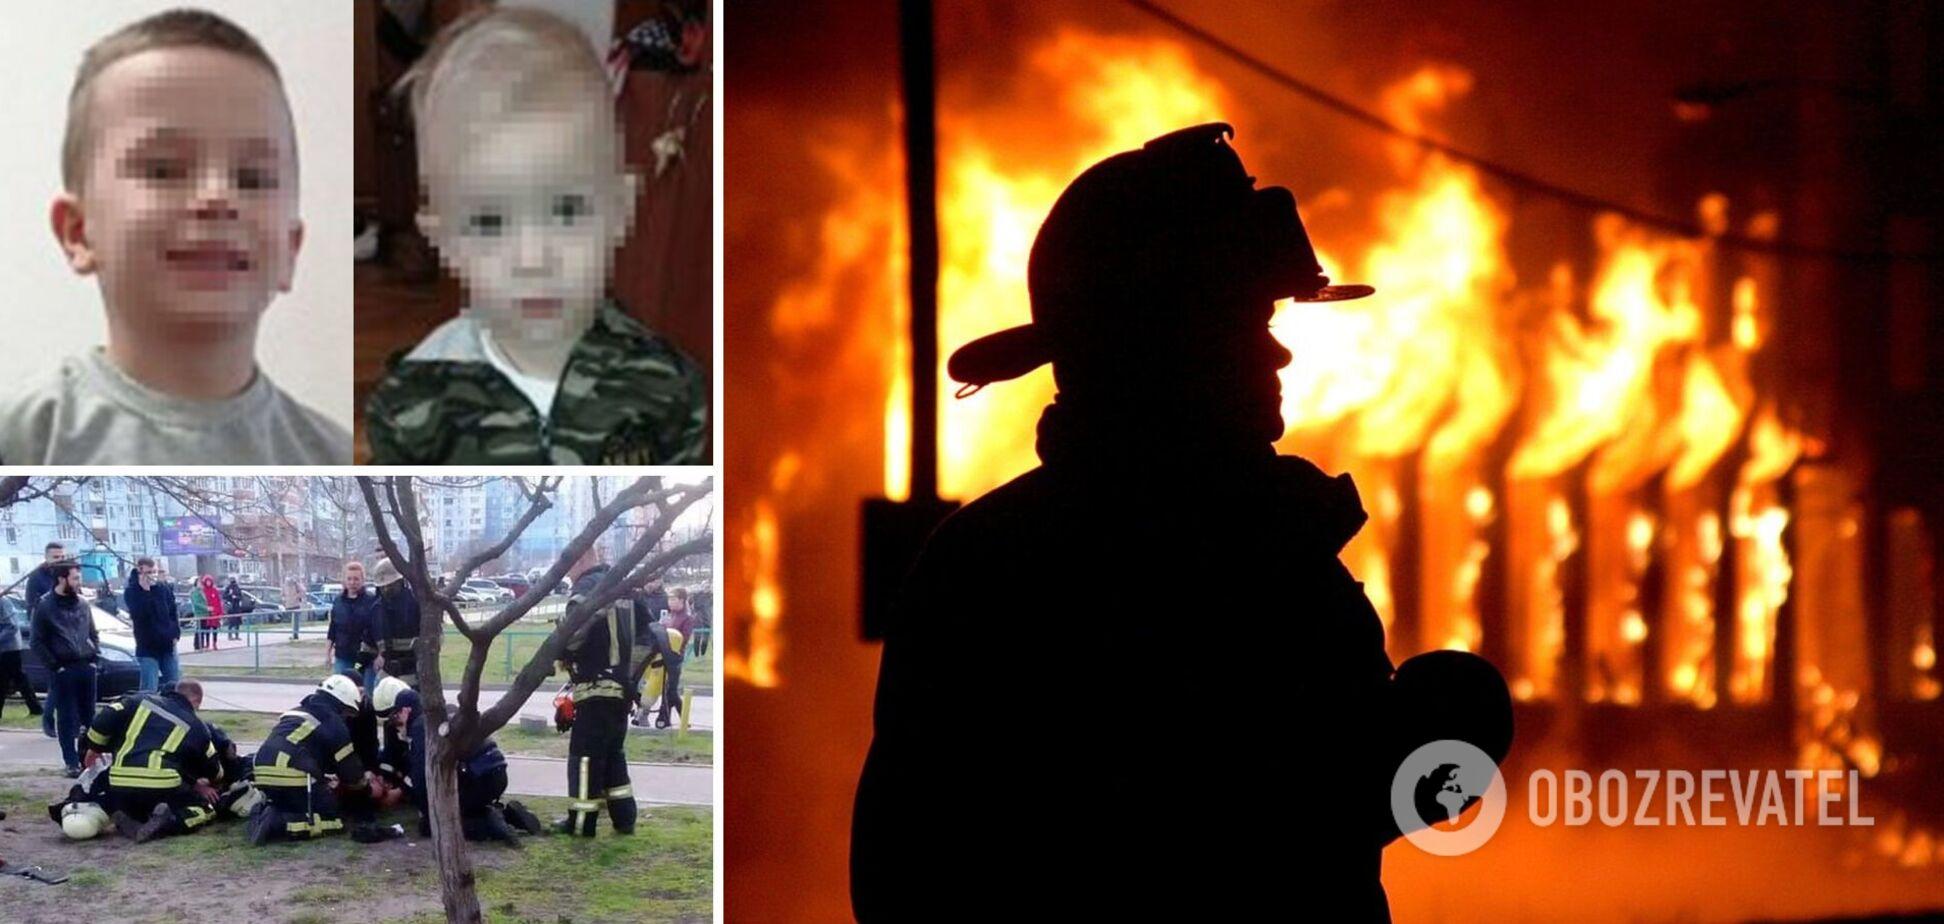 Дети попали в реанимацию, а семье негде жить: появились подробности пожара в многоэтажке Киева